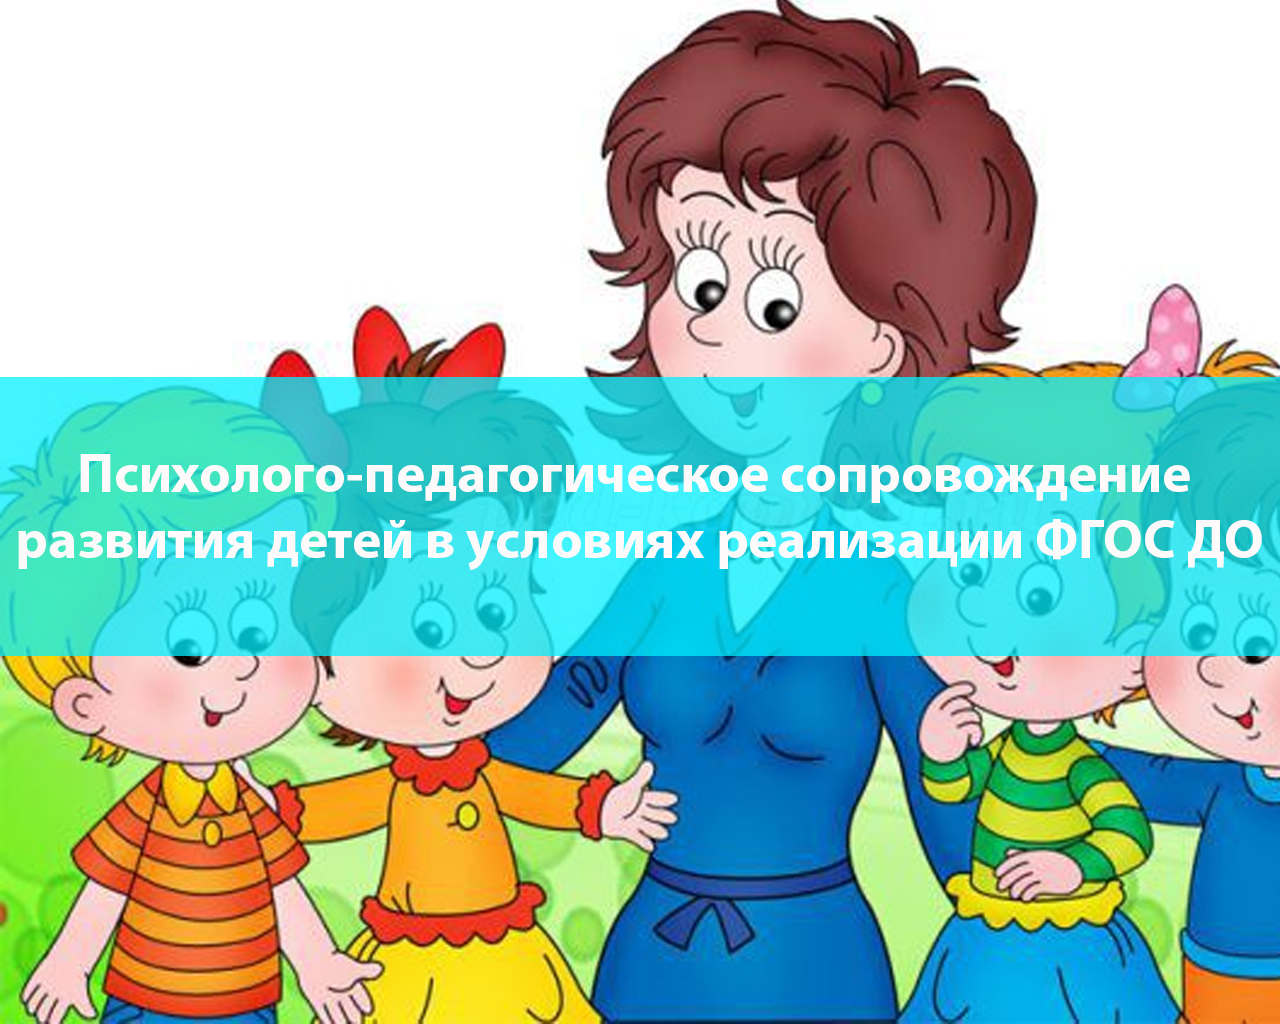 Психолого-педагогическое сопровождение развития детей в условиях реализации ФГОС ДО